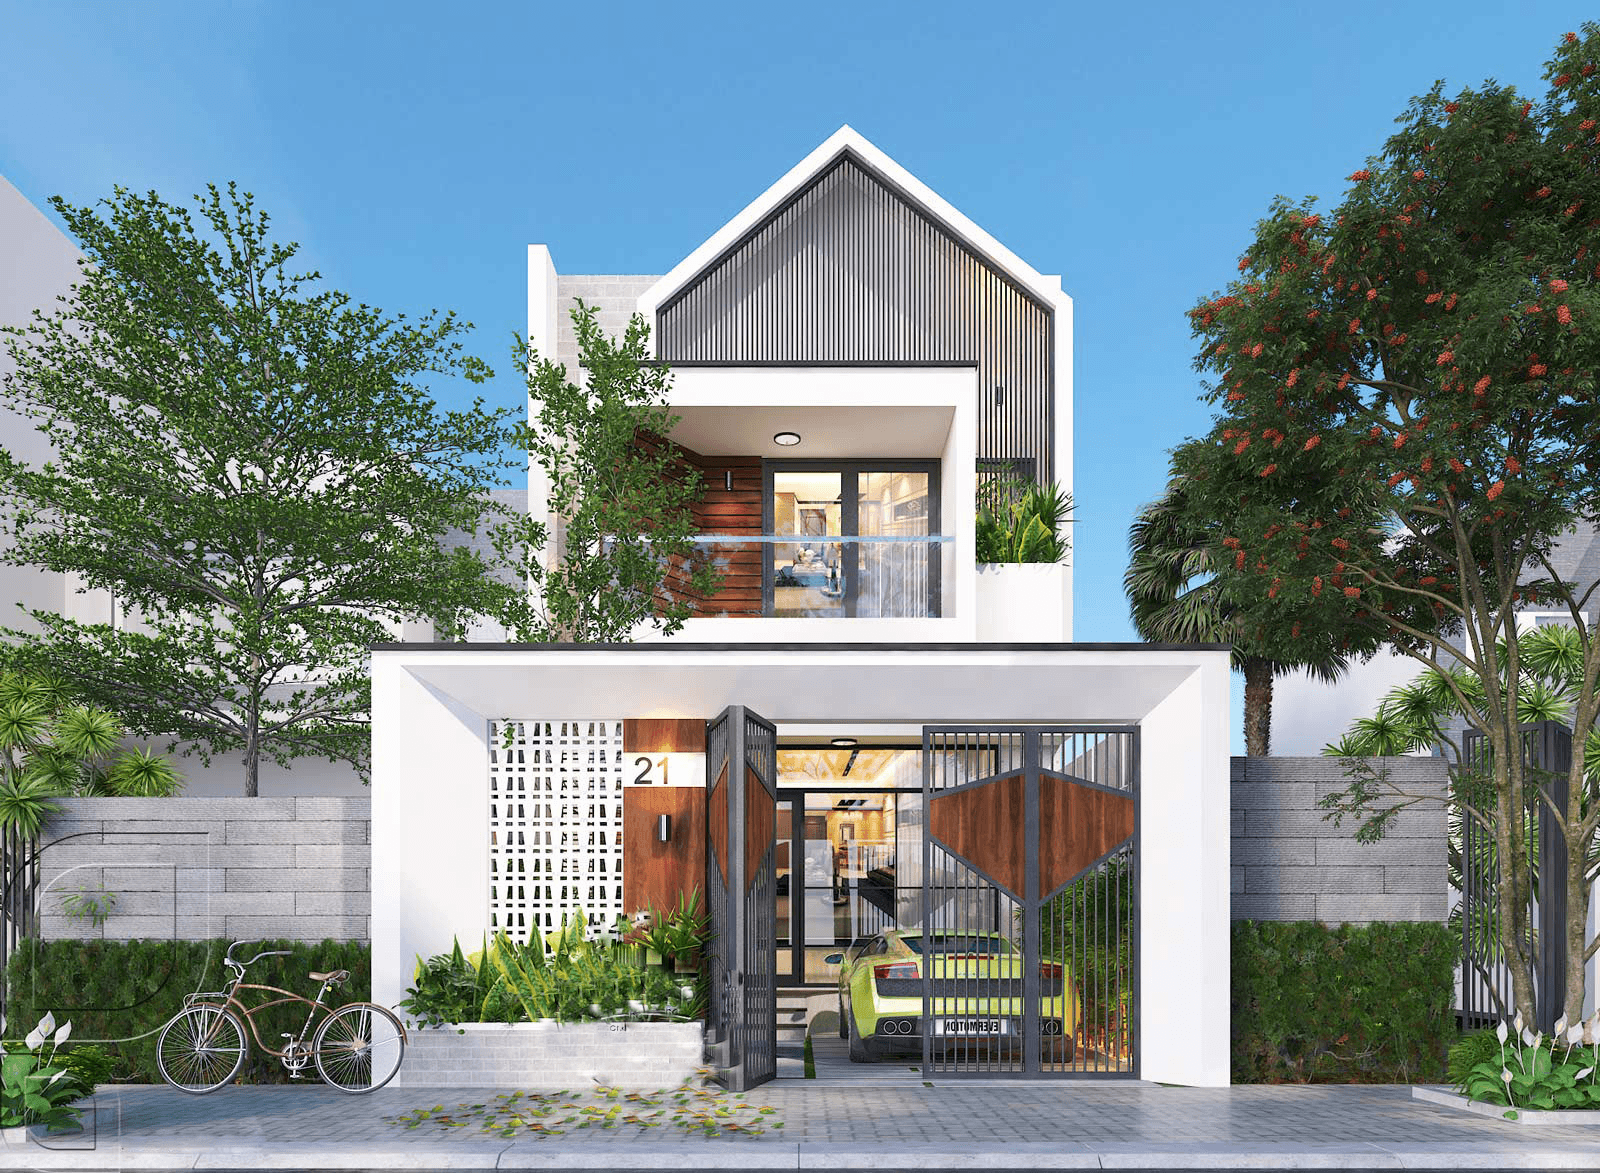 Ngôi nhà có thiết kế thi công đơn giản, phong cách hiện đại sẽ có mức giá khác so với những nhà 1 trệt 1 lầu phong cách cổ điển